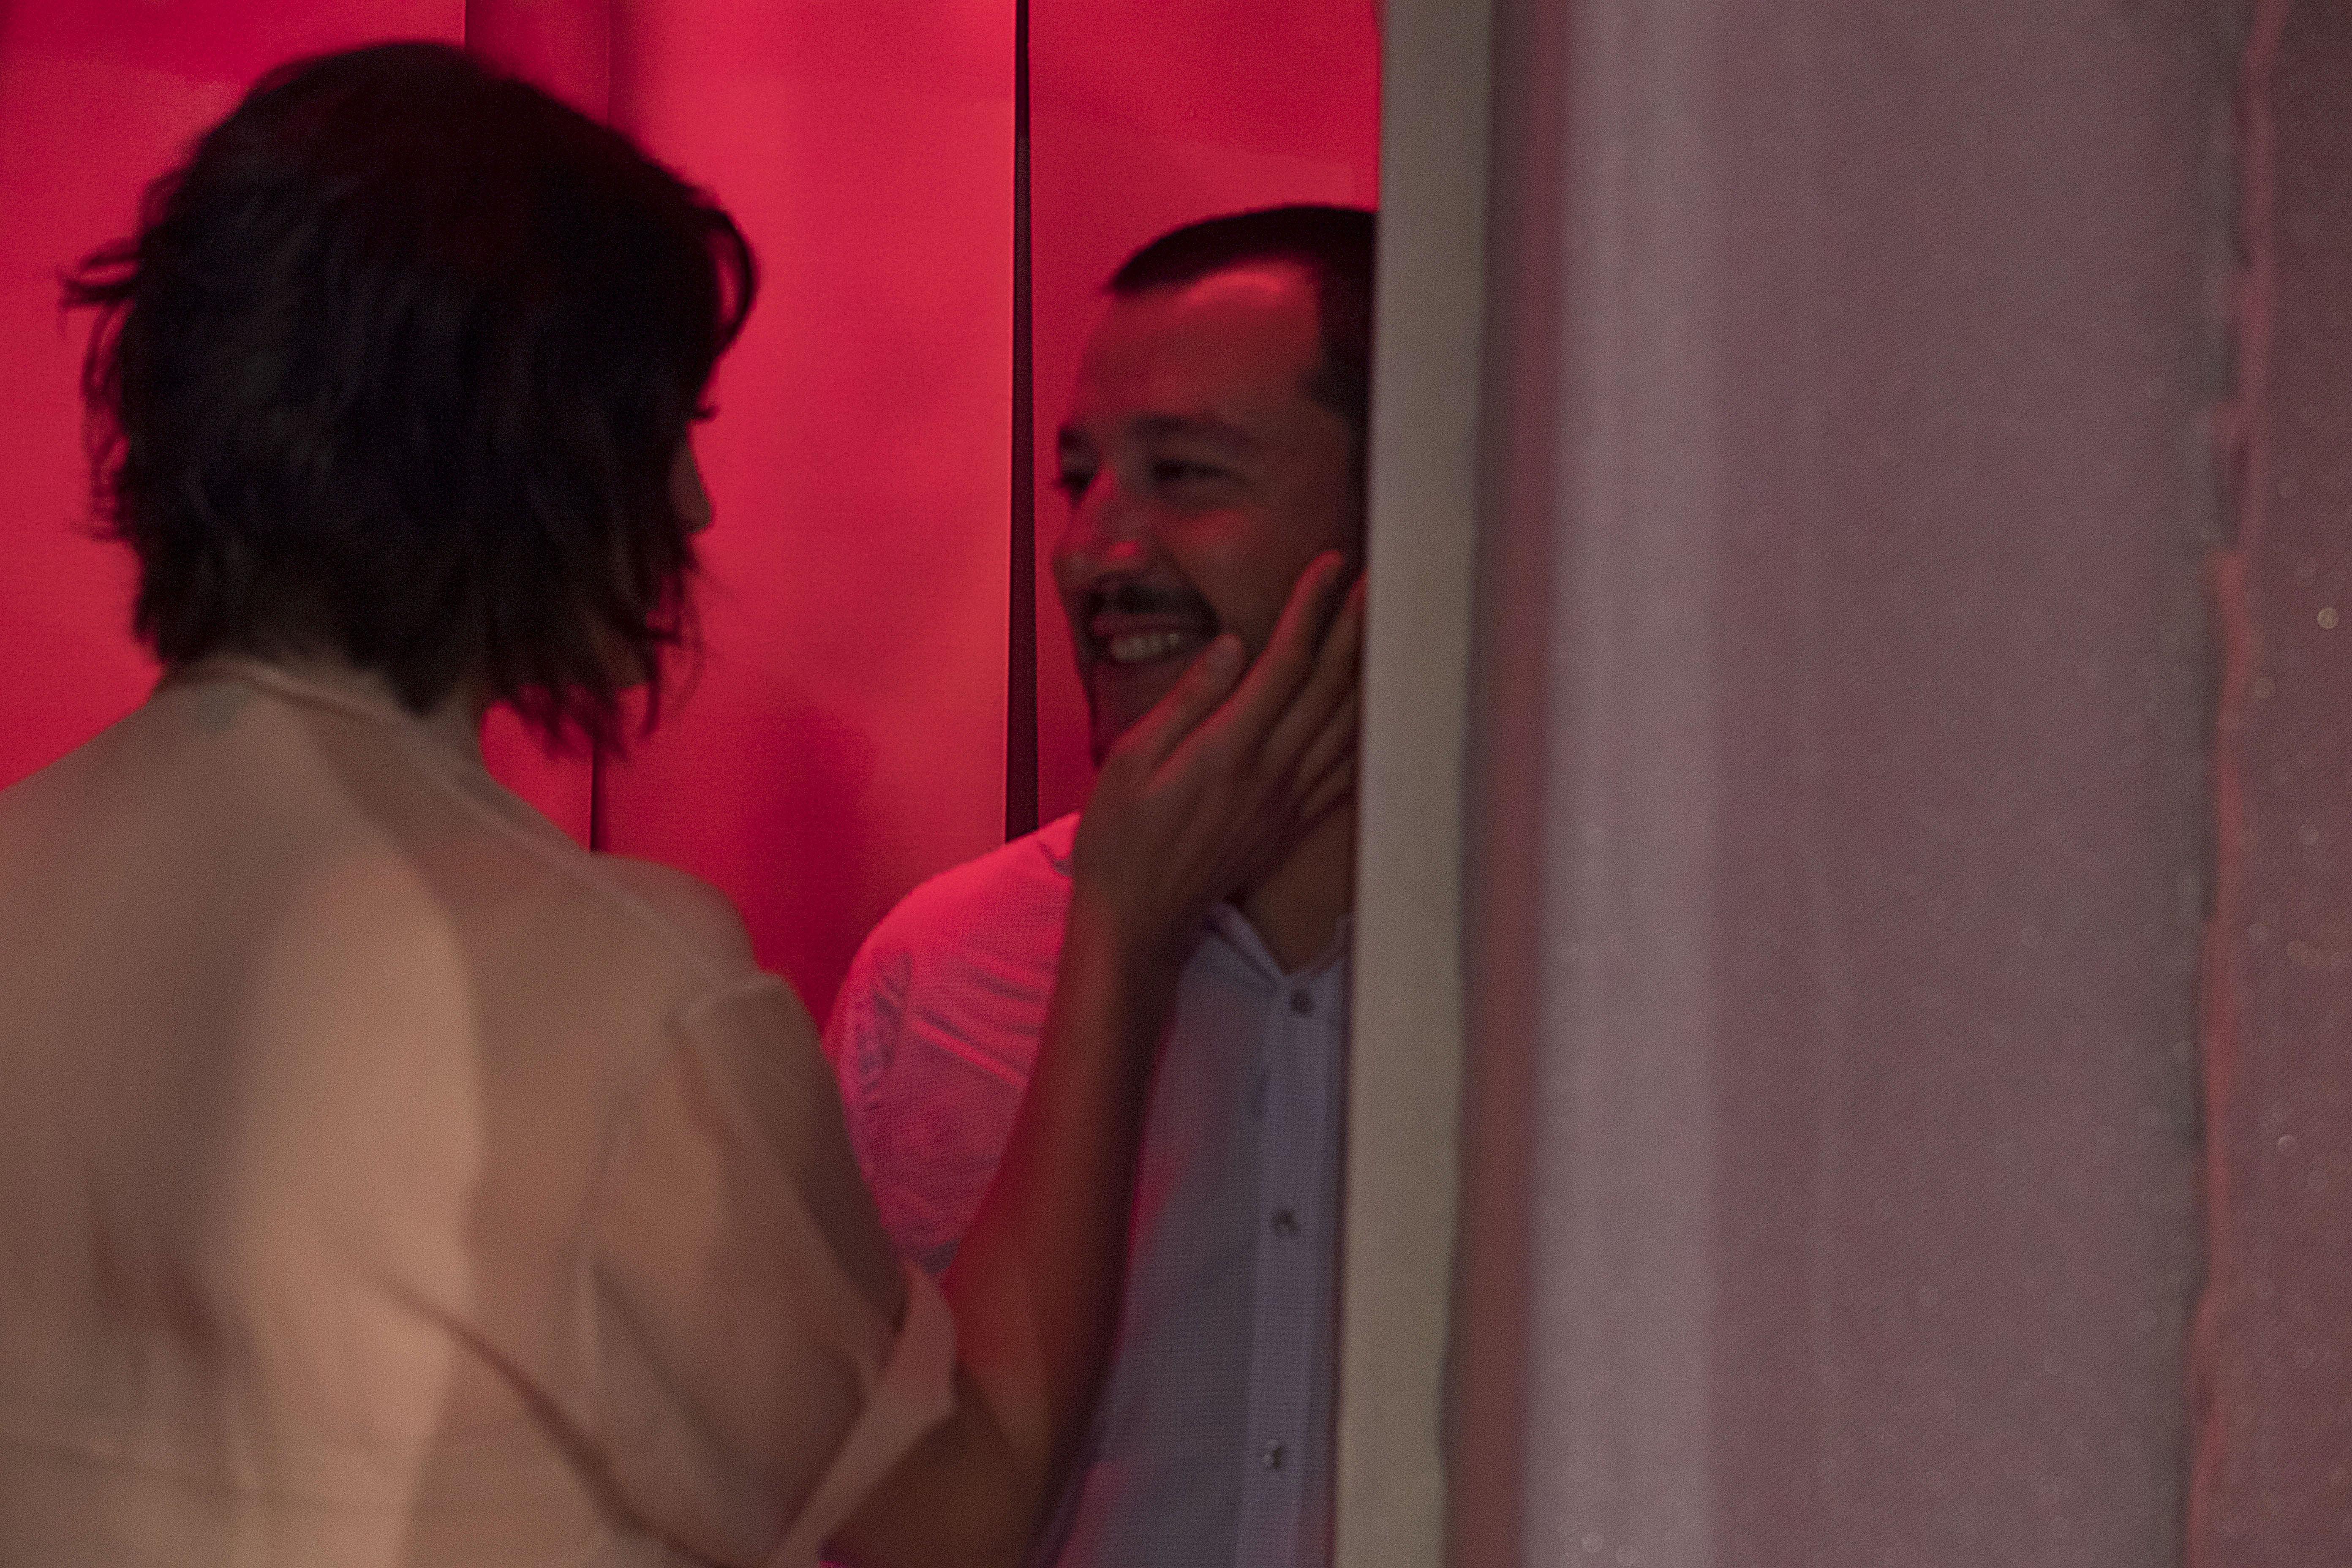 Salvini isoardi addio ora parla l 39 amica misteriosa for Vieni da me di chi era la casa misteriosa